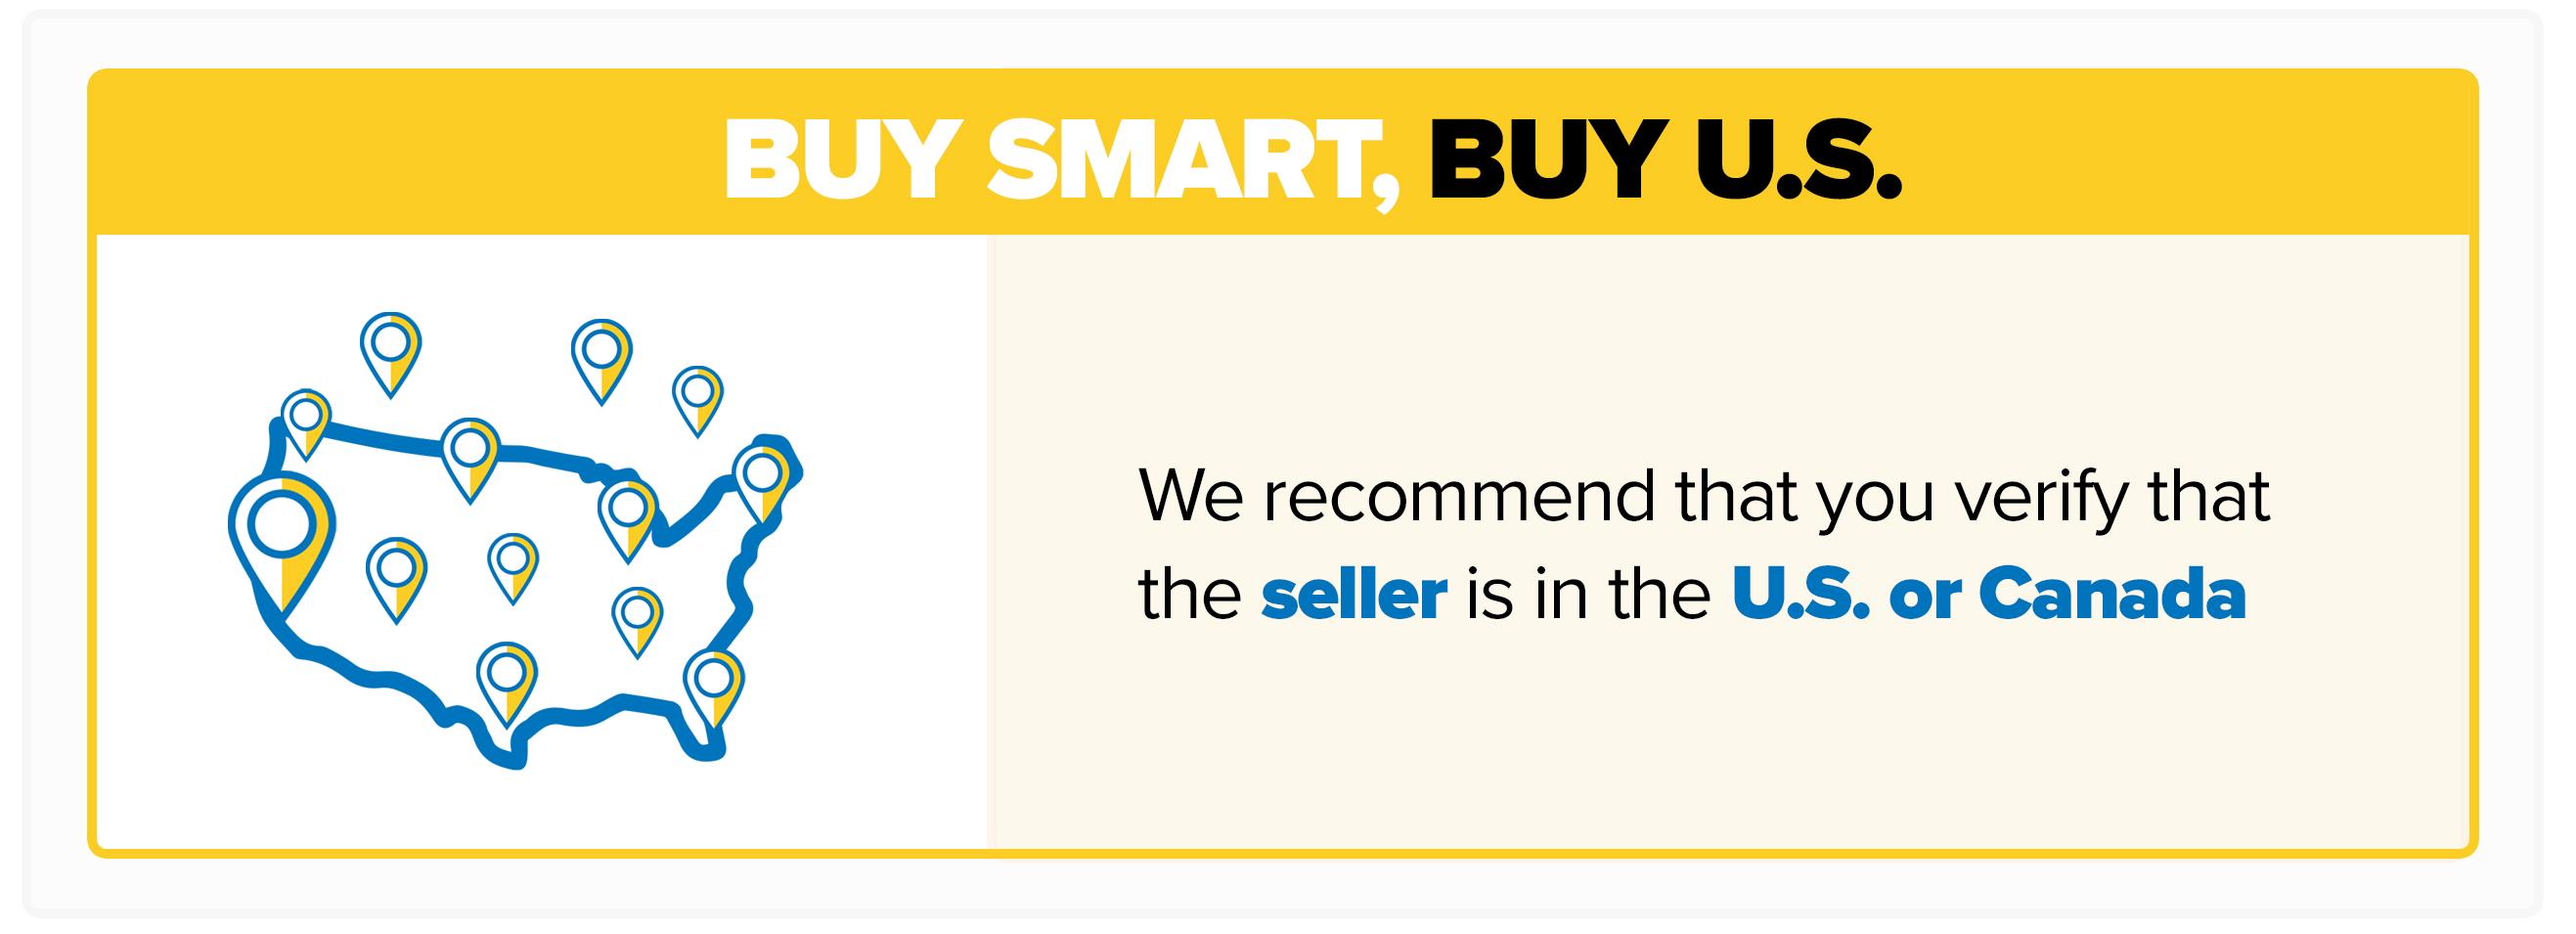 Buy Smart, Buy U.S.